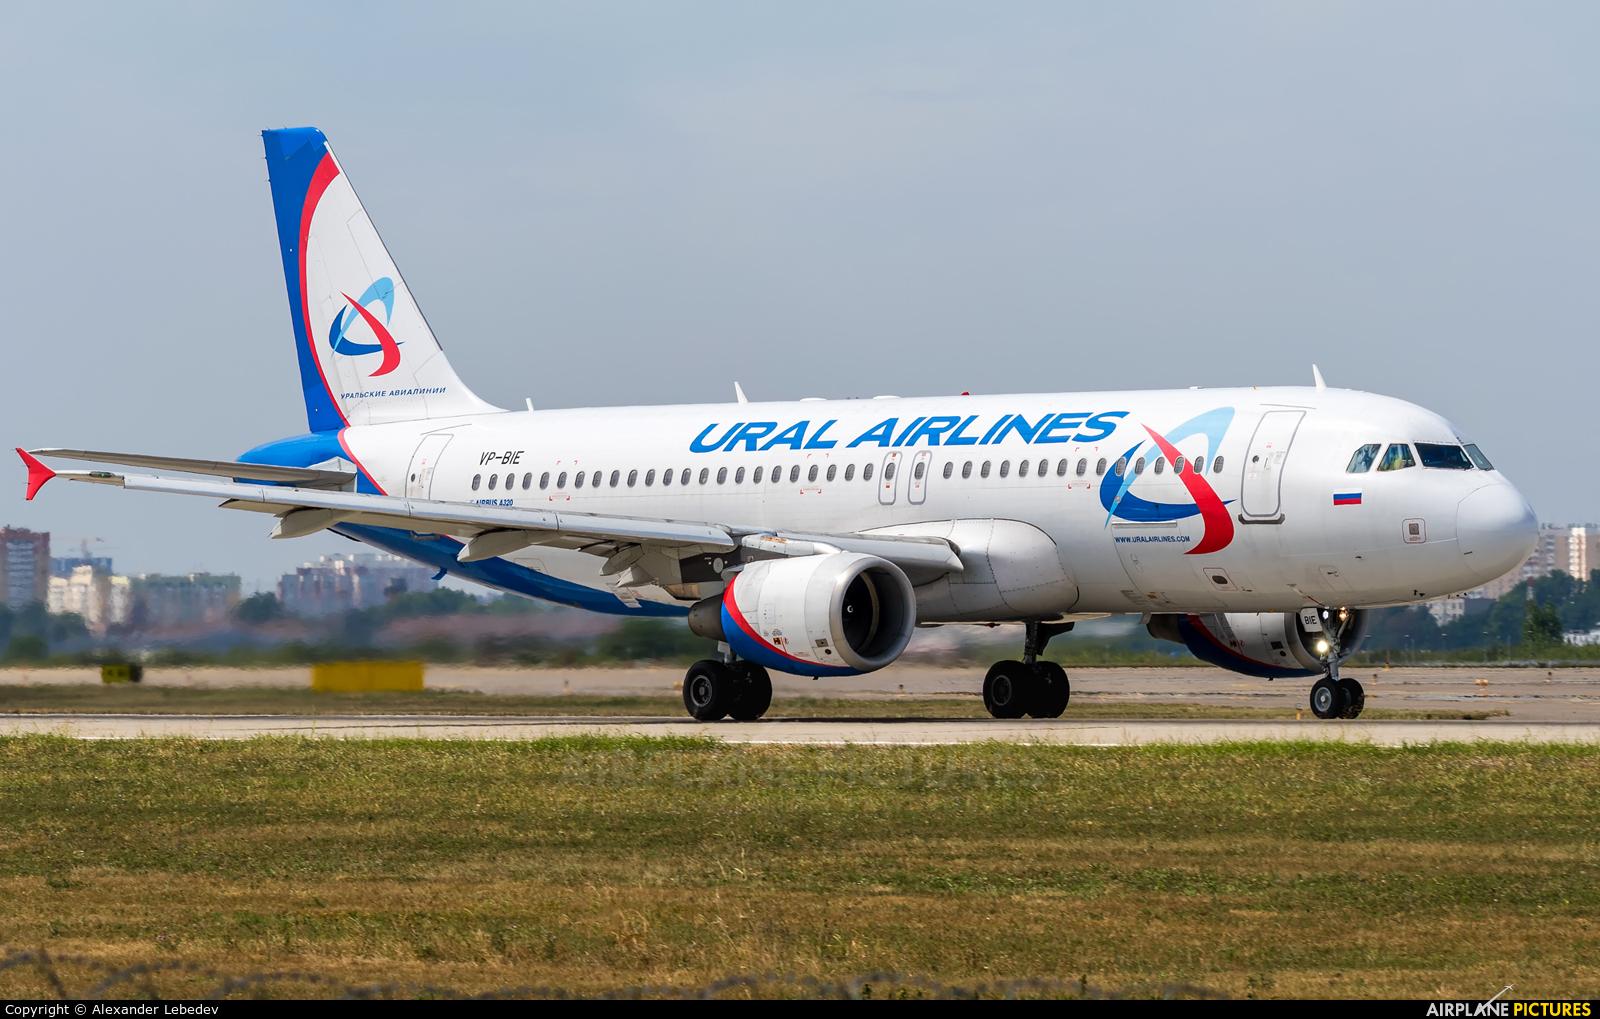 Ural Airlines VP-BIE aircraft at Krasnodar